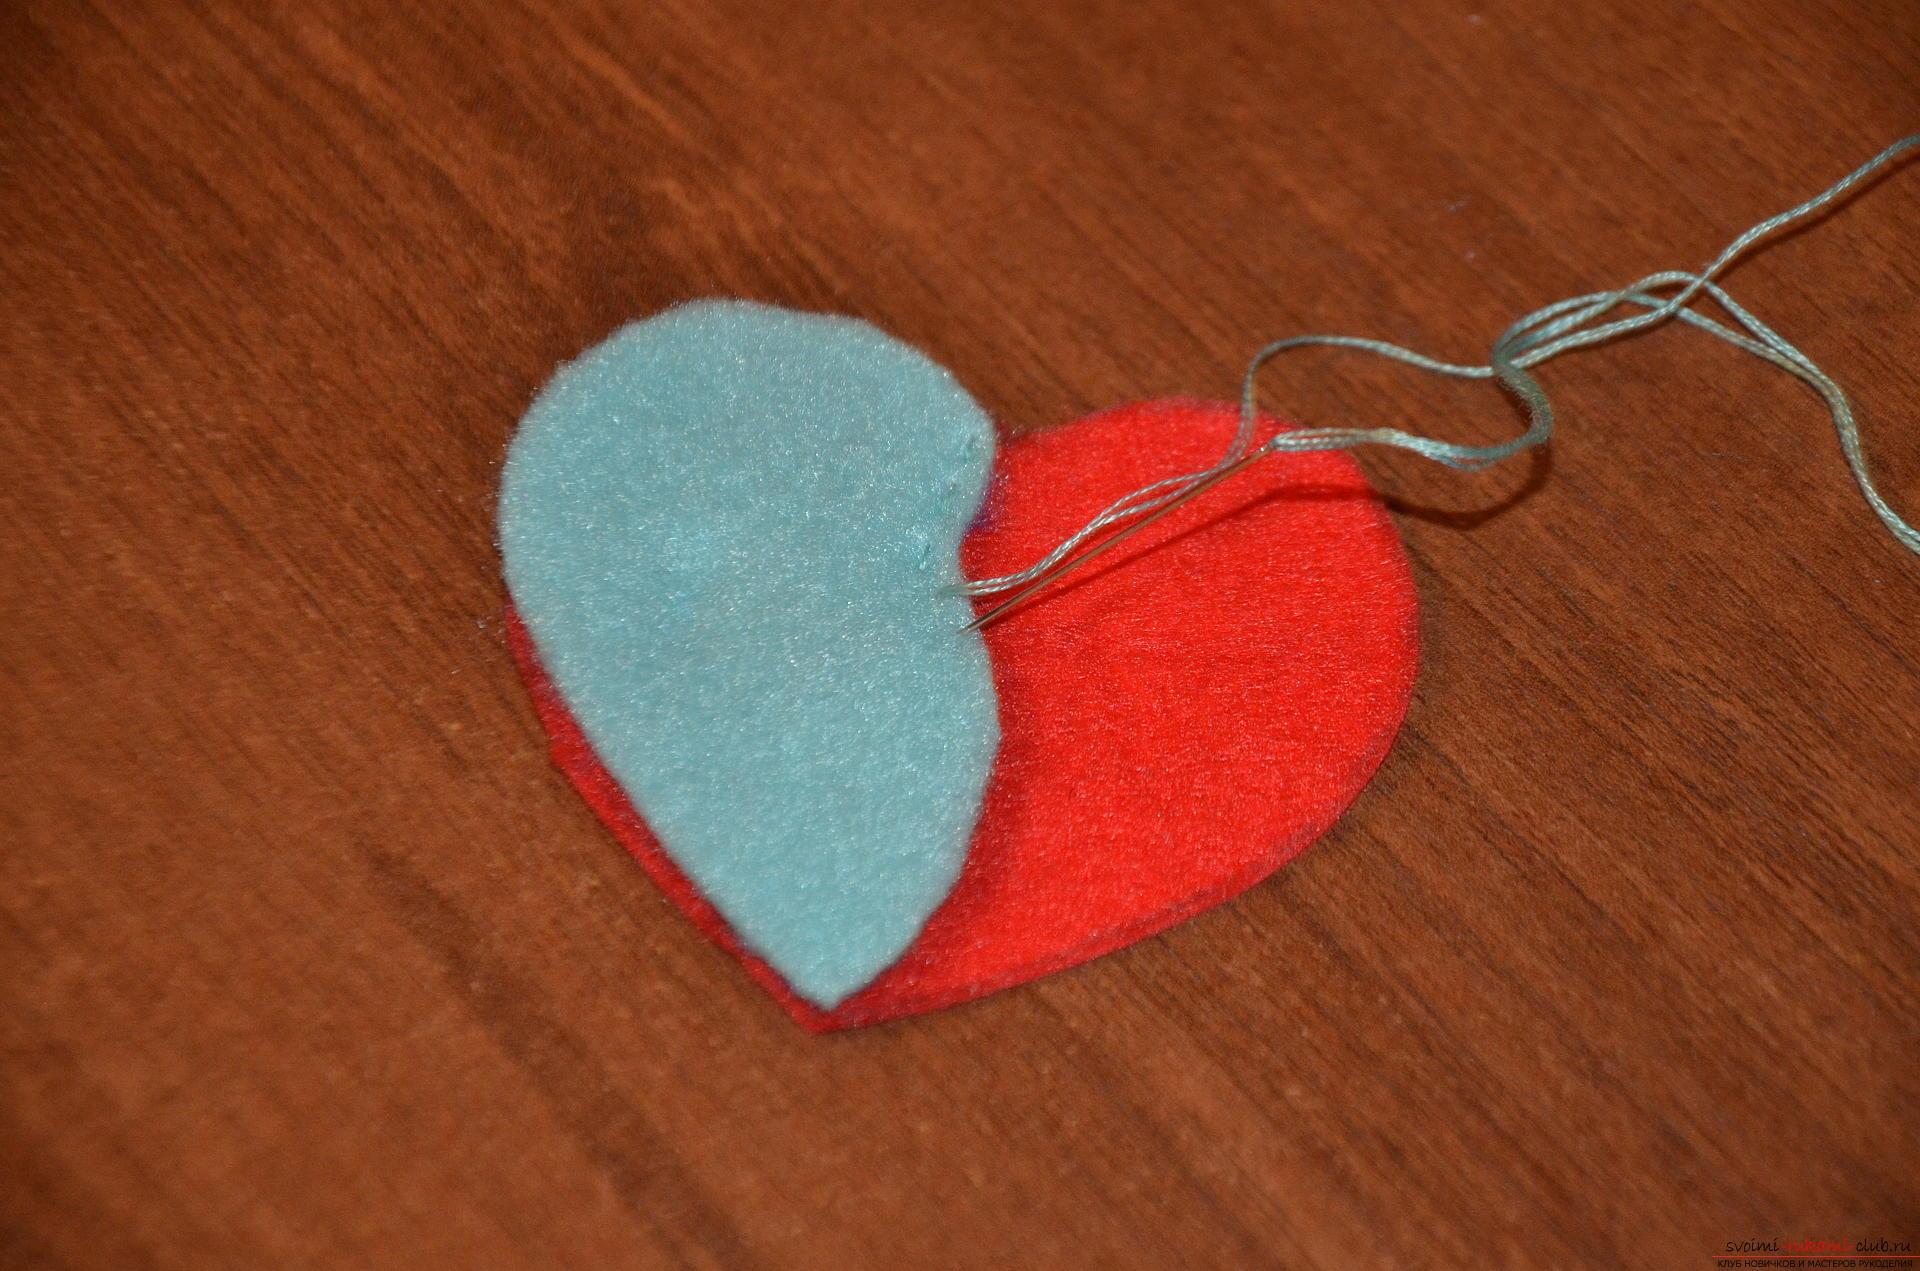 Как сделать сердечко своими руками - 50 идей Море идей 47